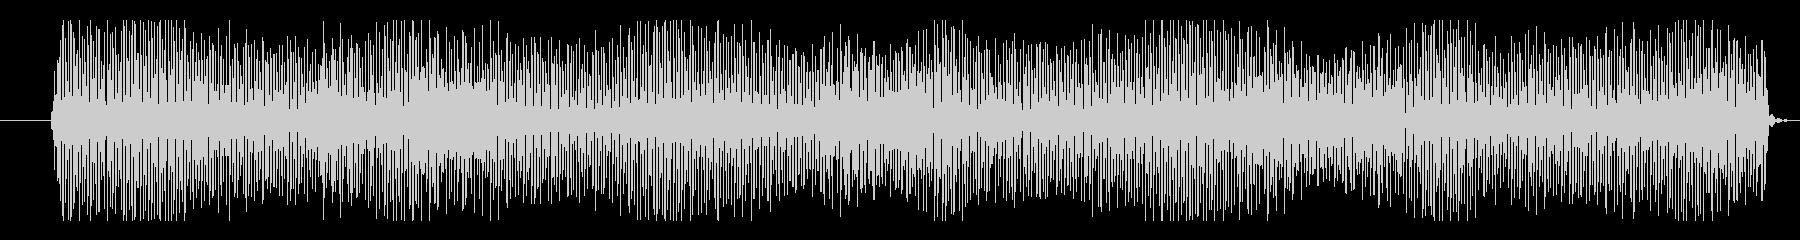 フィクション 実用性 抽象シンセ01の未再生の波形